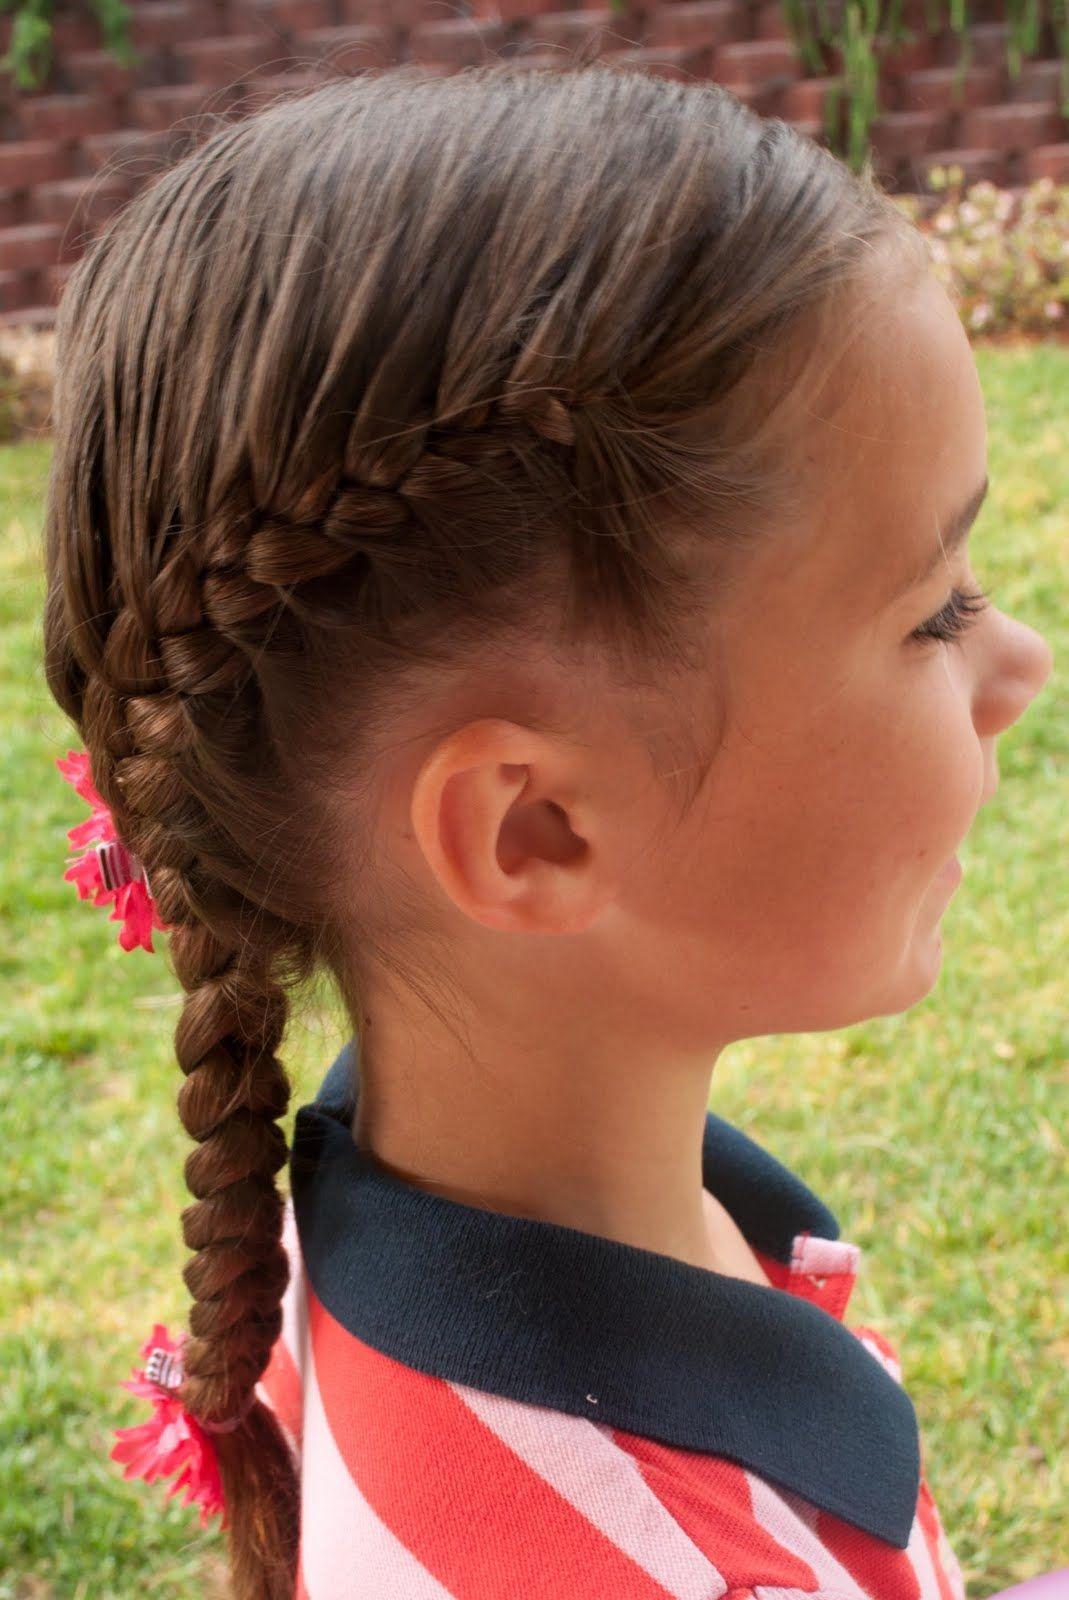 Hair Kids 5 Braid Cornrow Fishtail Ponytail Black Hairstyles